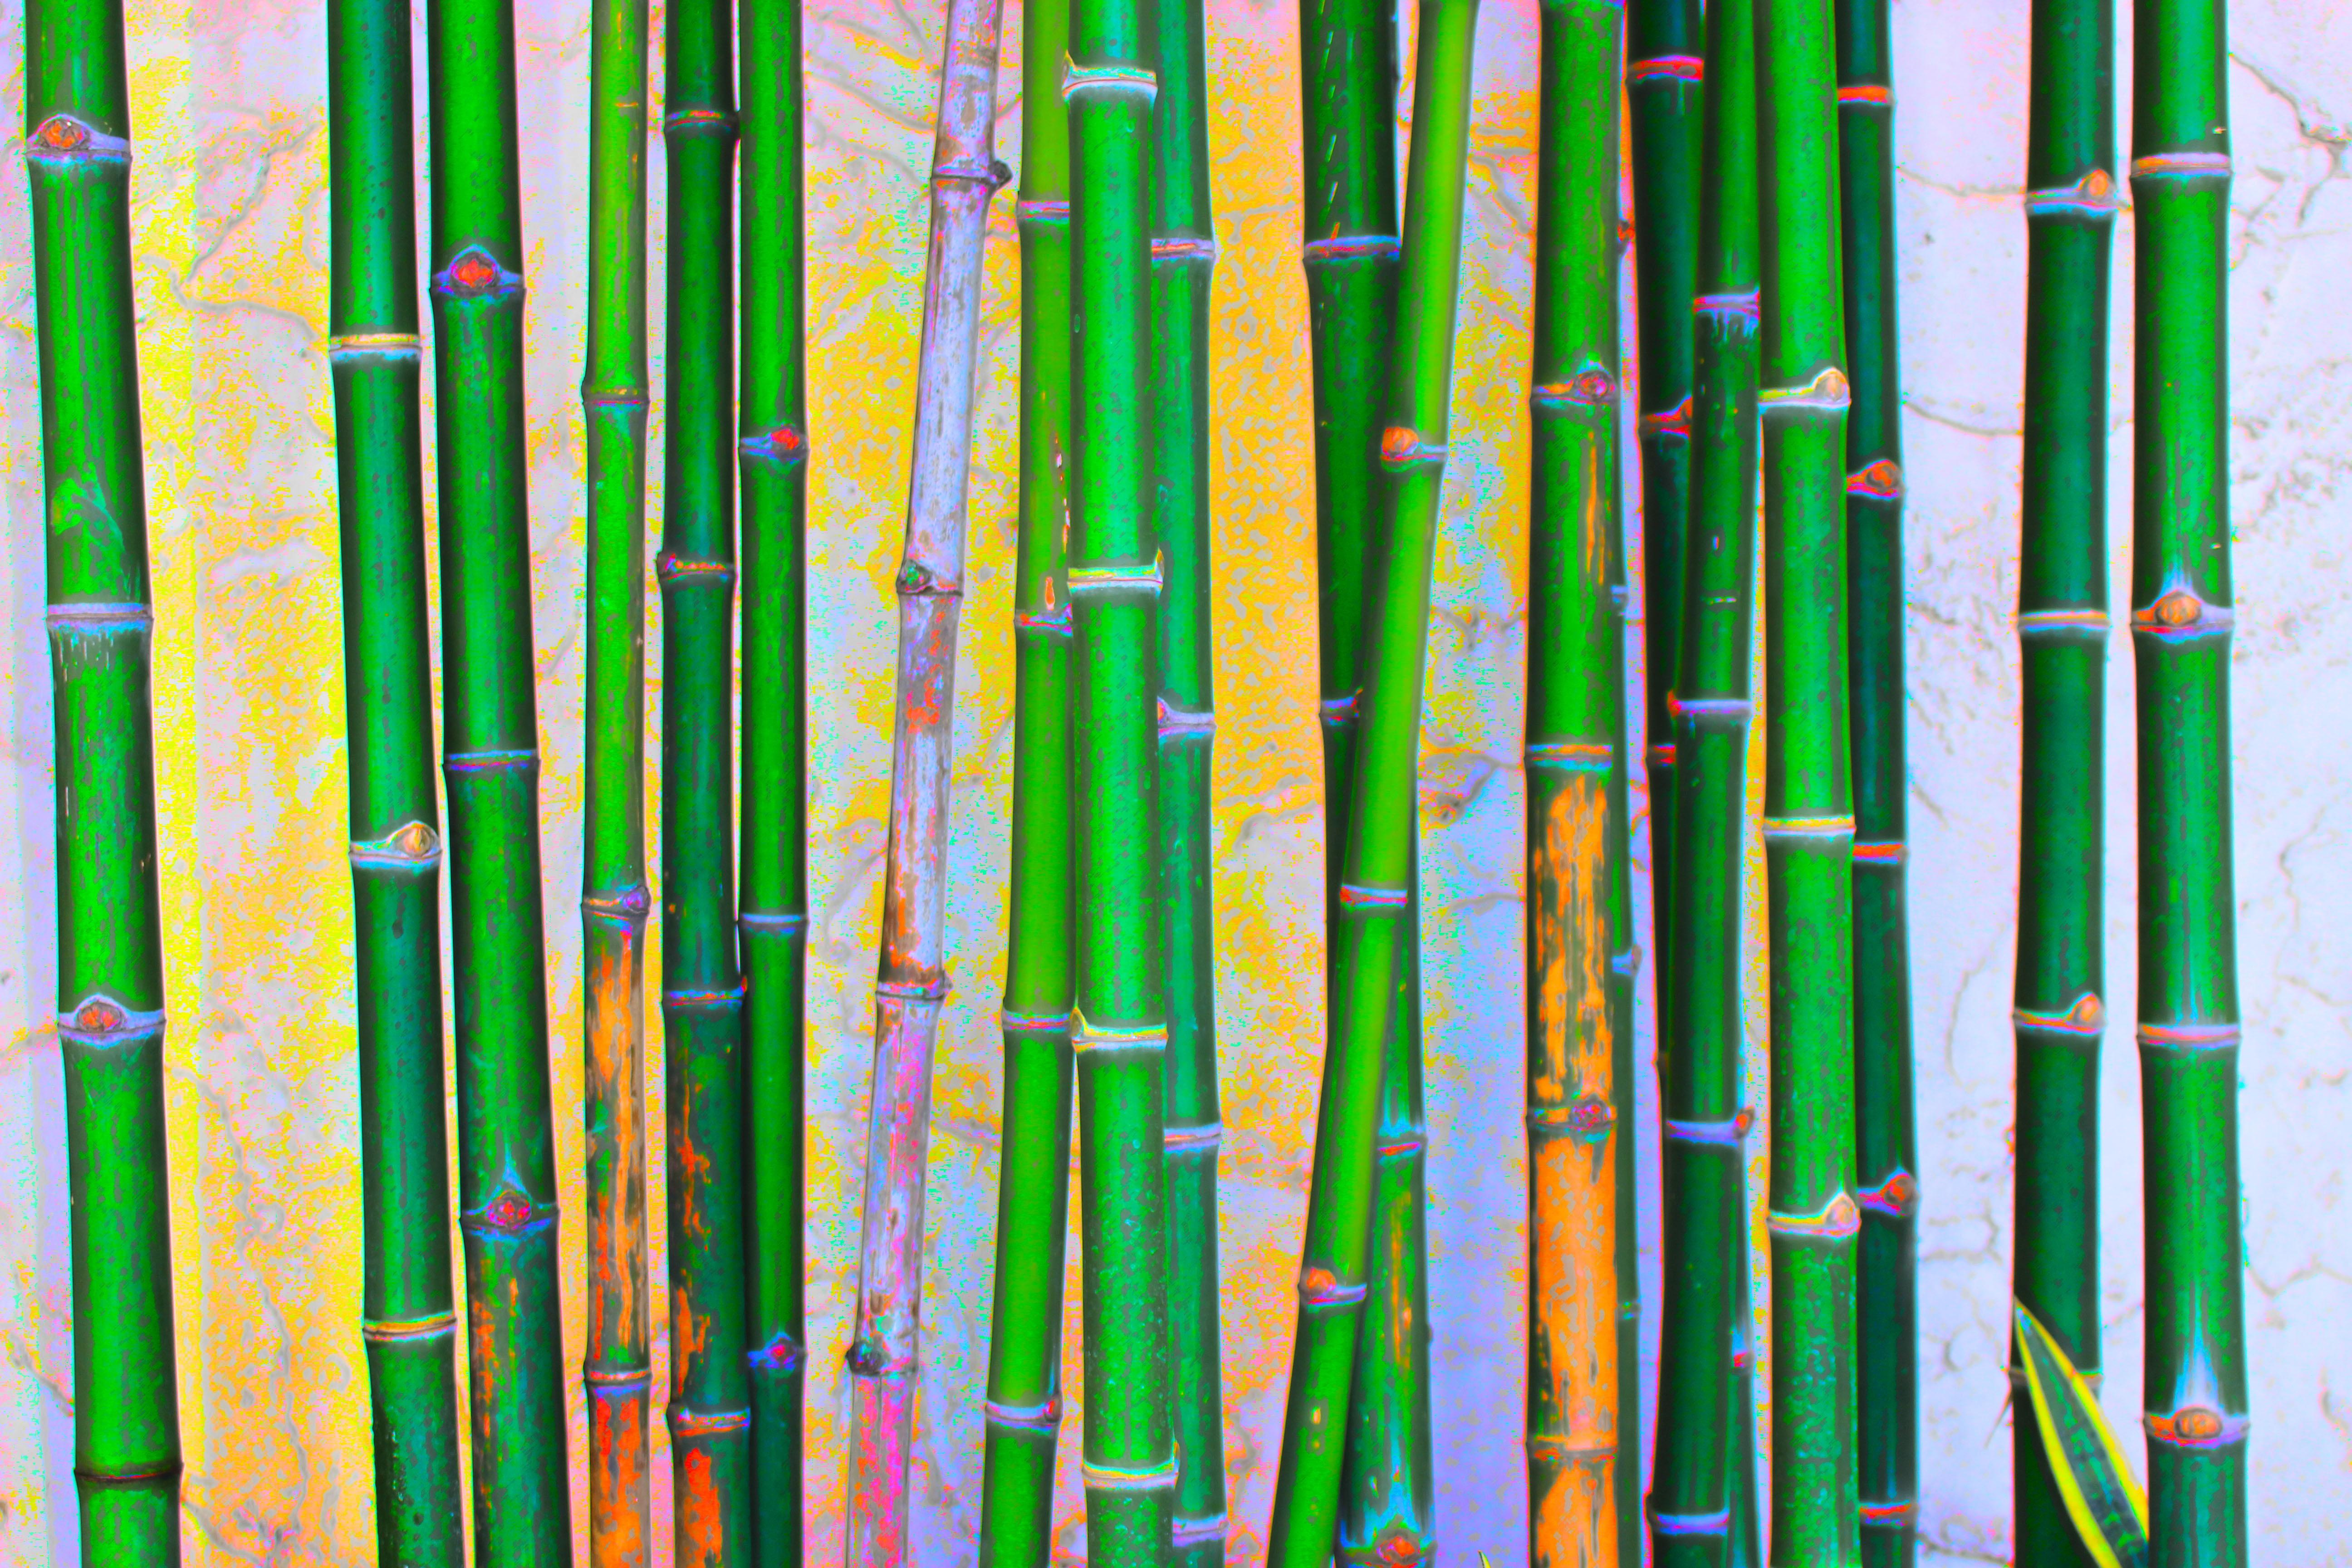 gambar pohon alam rumput outdoor pertumbuhan menanam tekstur berkembang musim panas lingkungan hidup dedaunan dekorasi pola garis hijau tropis warna perdamaian berbunga taman botani cat air tekstil latar belakang desain pxhere